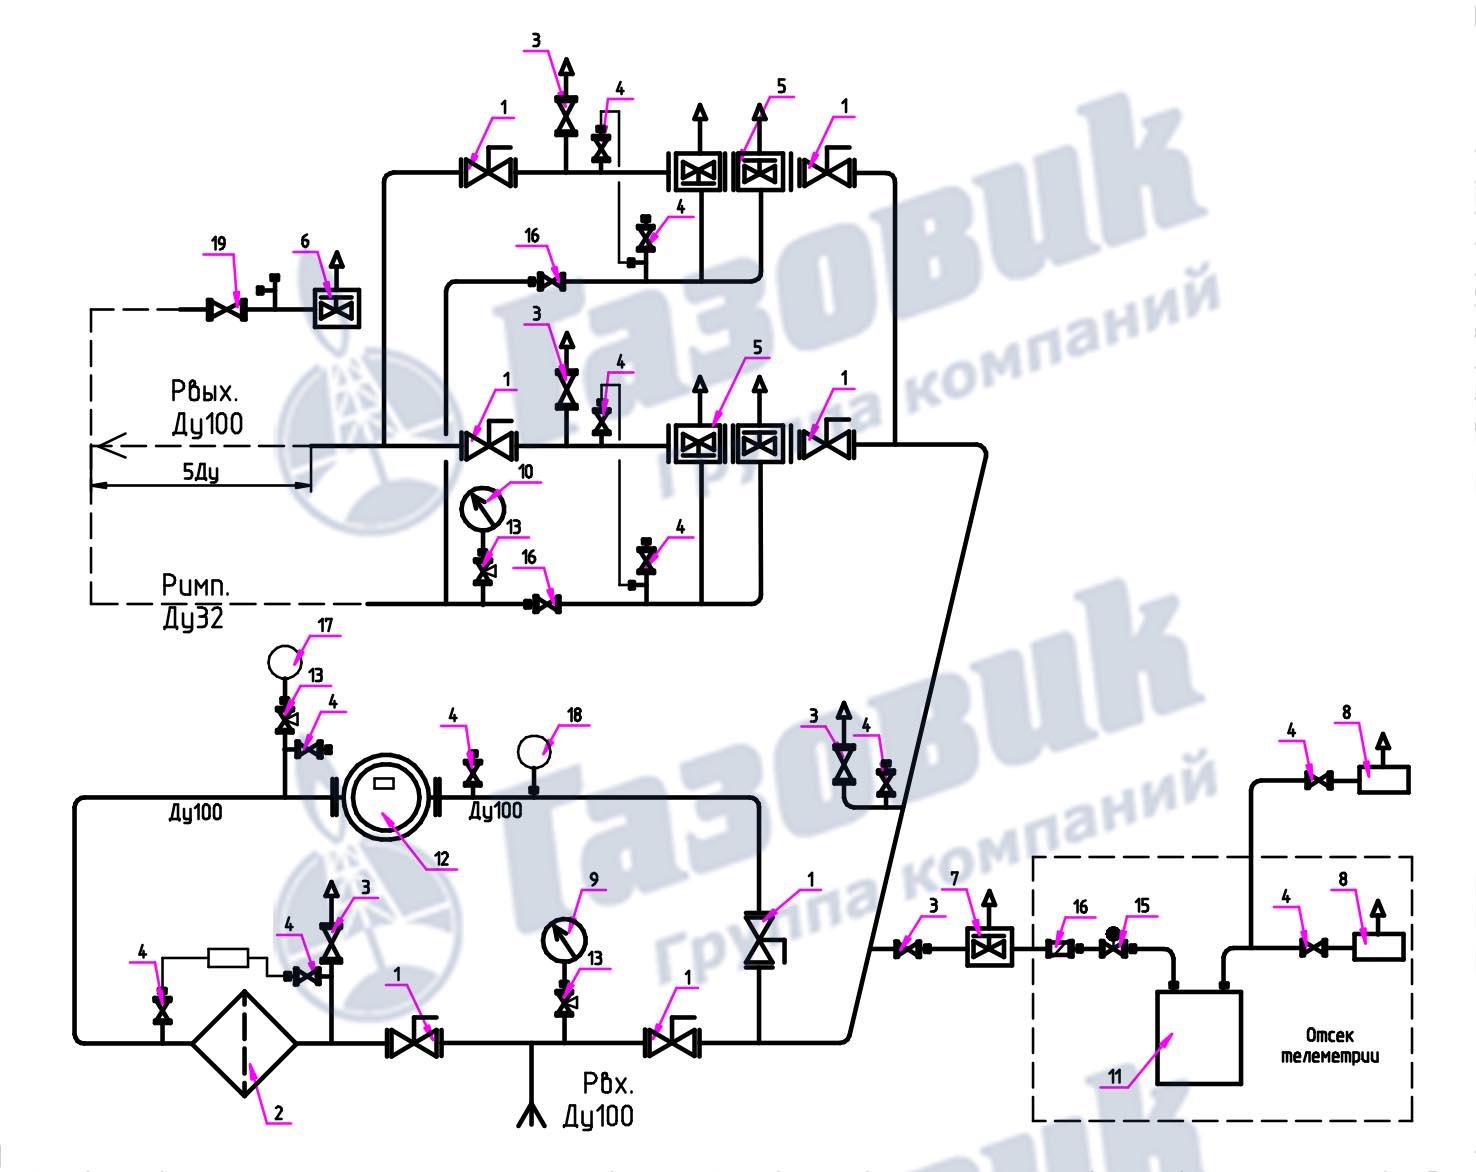 Пункт газорегуляторный блочный ПГБ-25-2У1 на базе РДБК-1-25